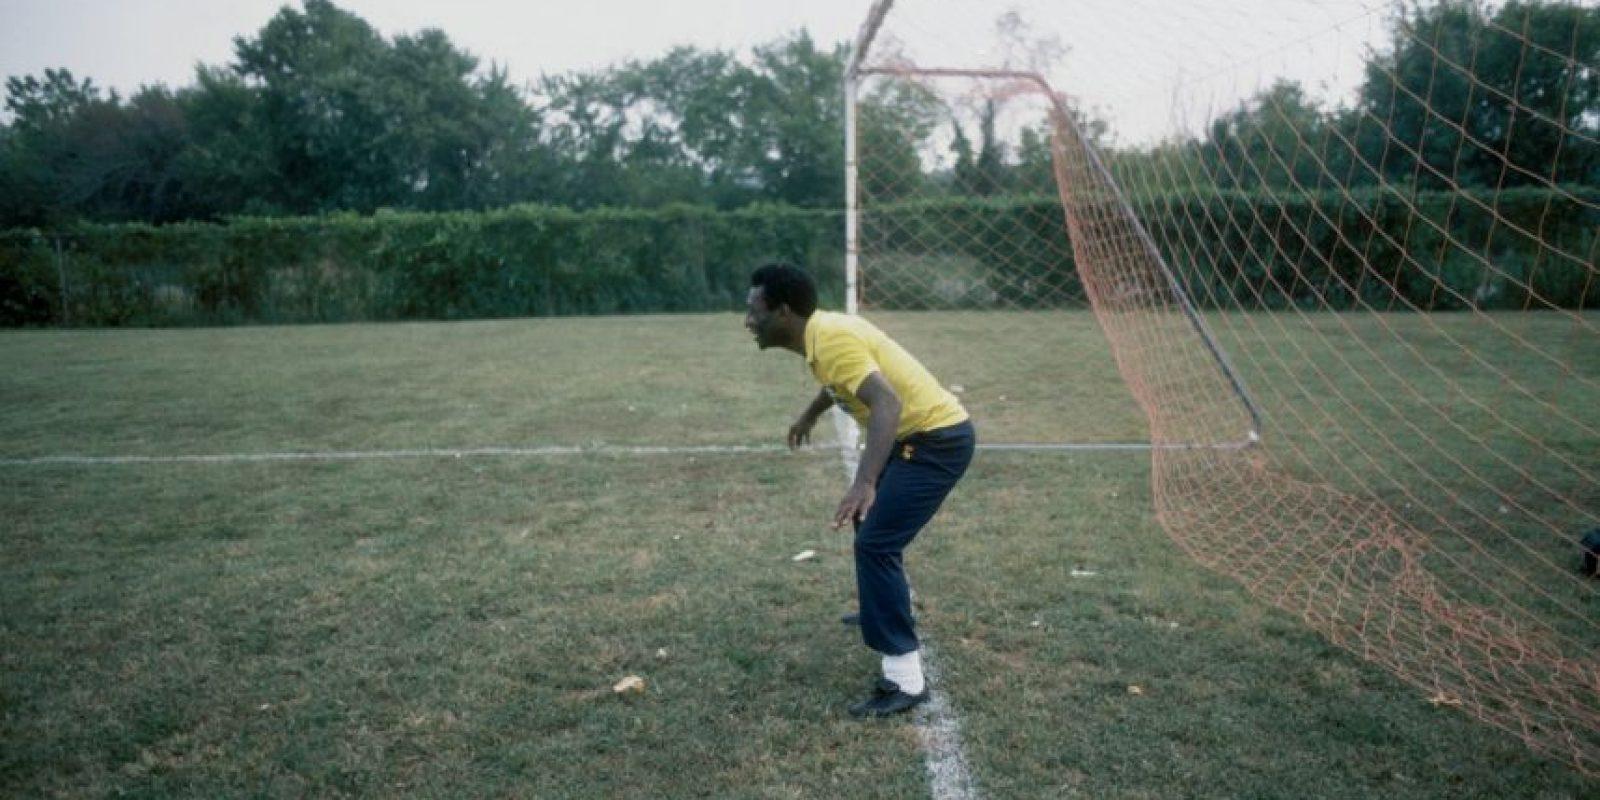 Nunca habrá otro Pelé. Mi padre y mi madre cerraron la fábrica y rompieron el molde, Soy único e irrepetible. Foto:Getty Images